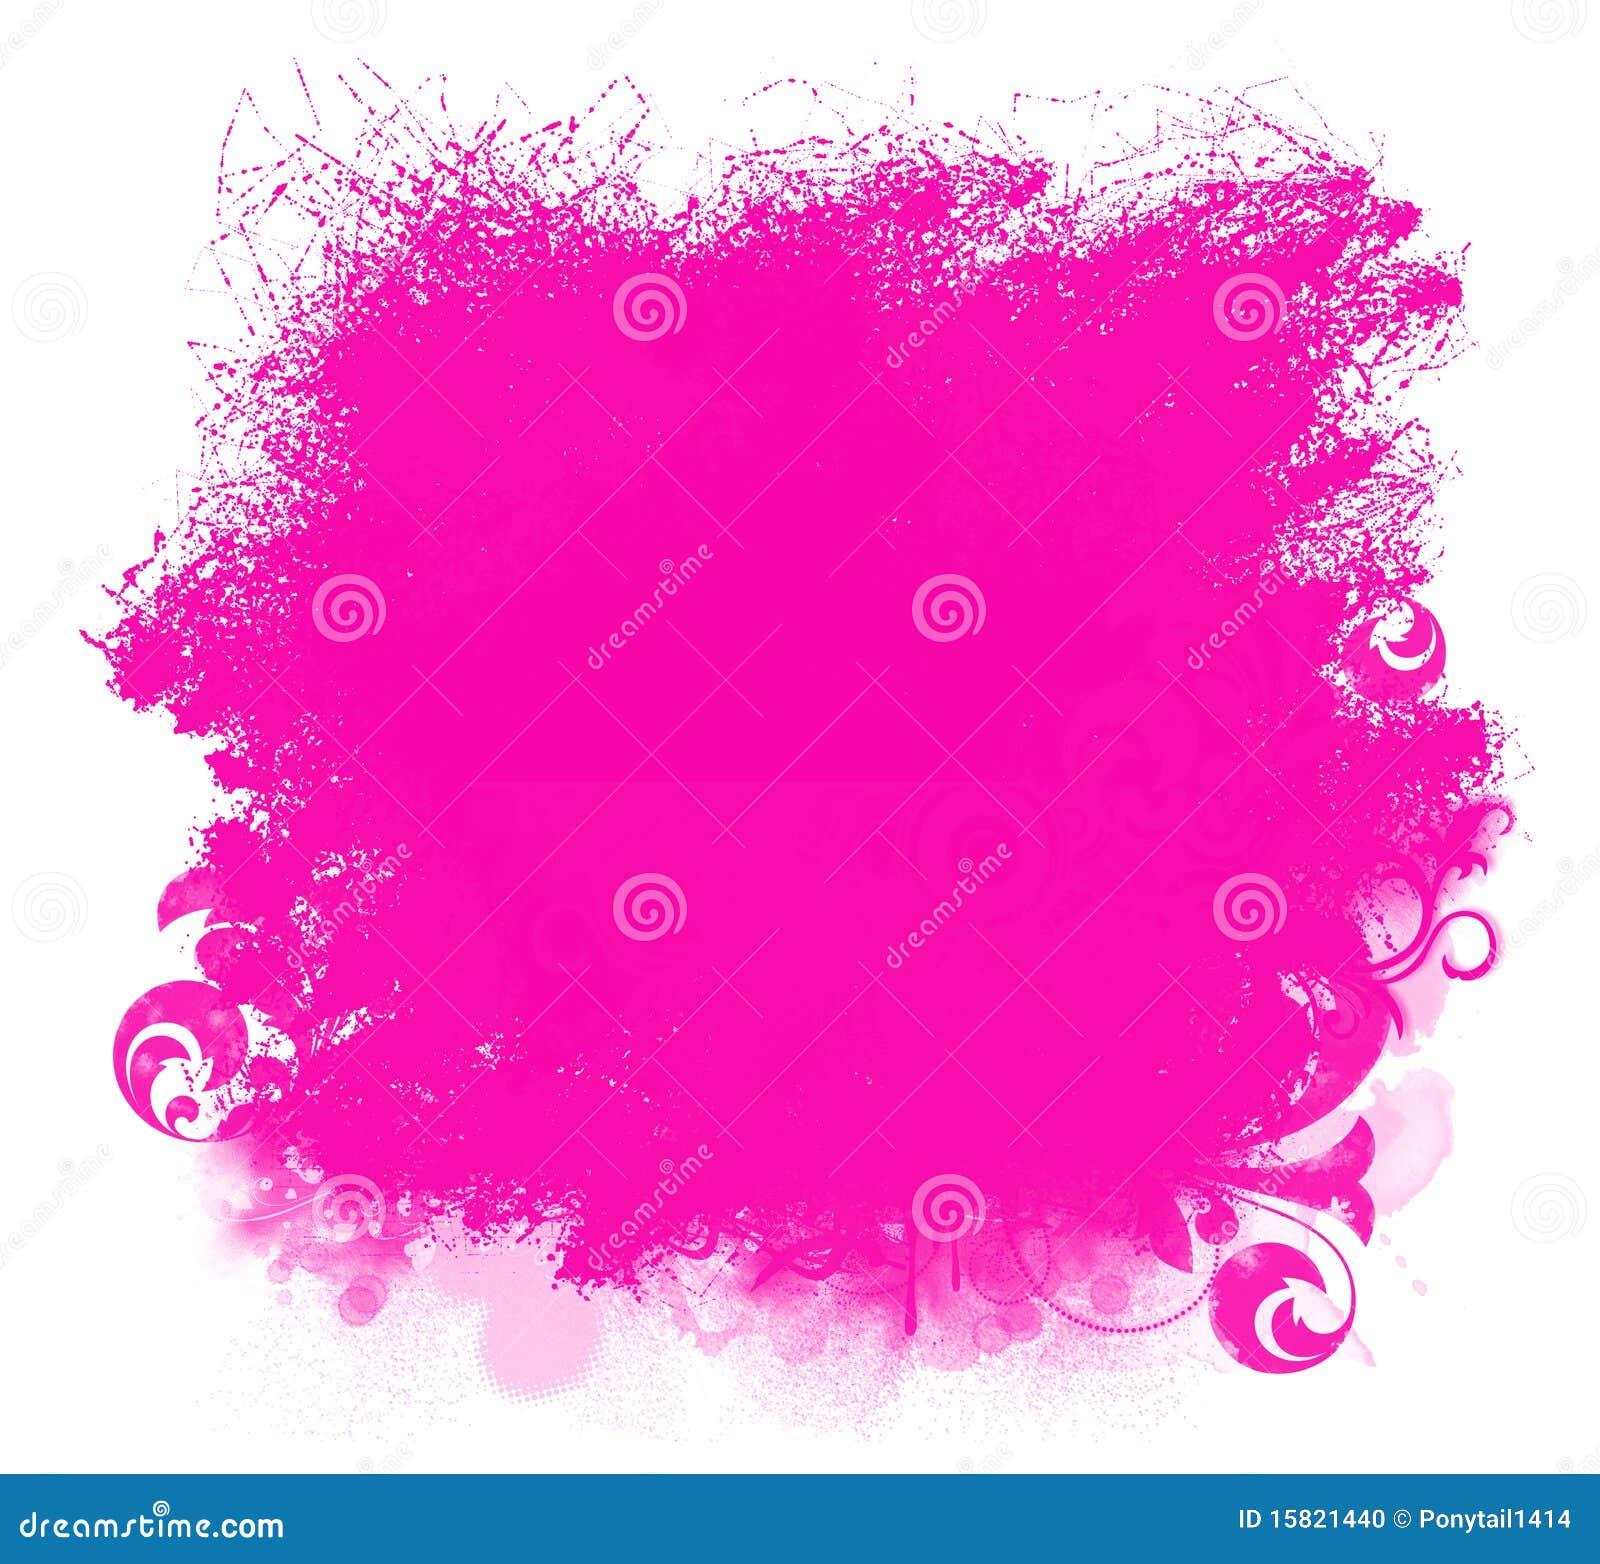 De roze achtergrond van de vlek van de verf grunge stock illustratie afbeelding 15821440 - Hoe roze verf ...